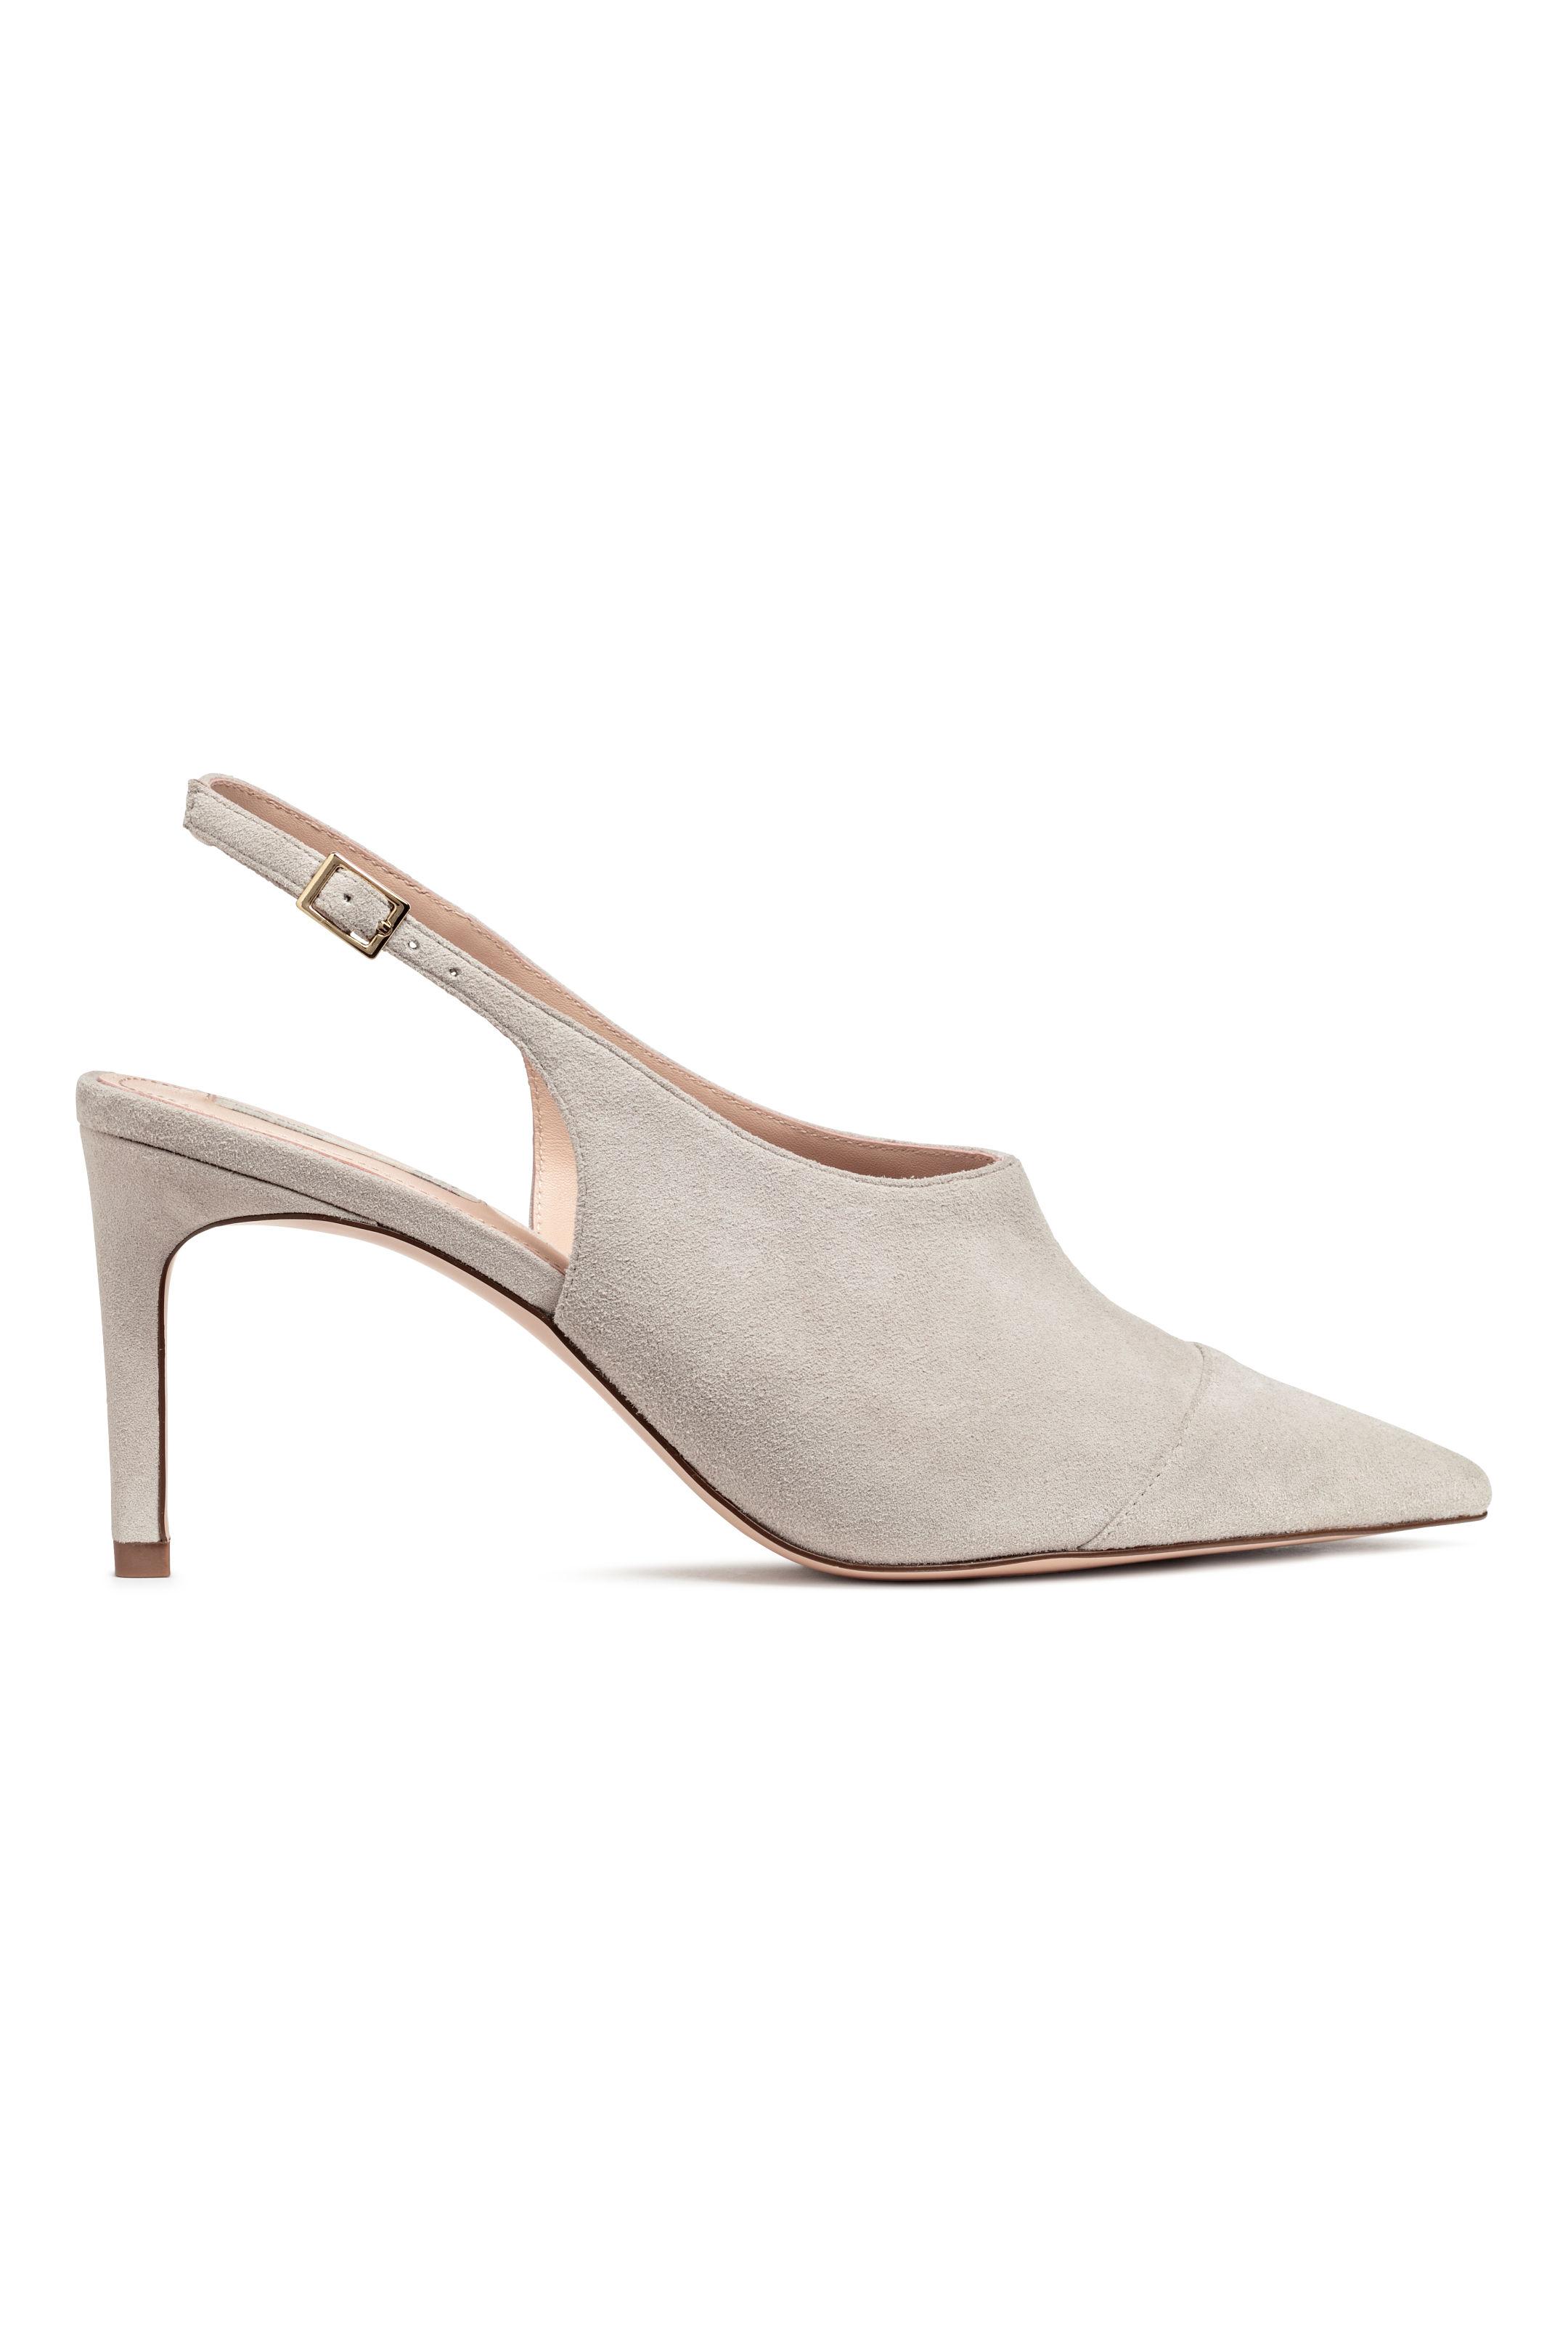 Scarpe a punta scamosciate H&M al prezzo di 49,99 euro